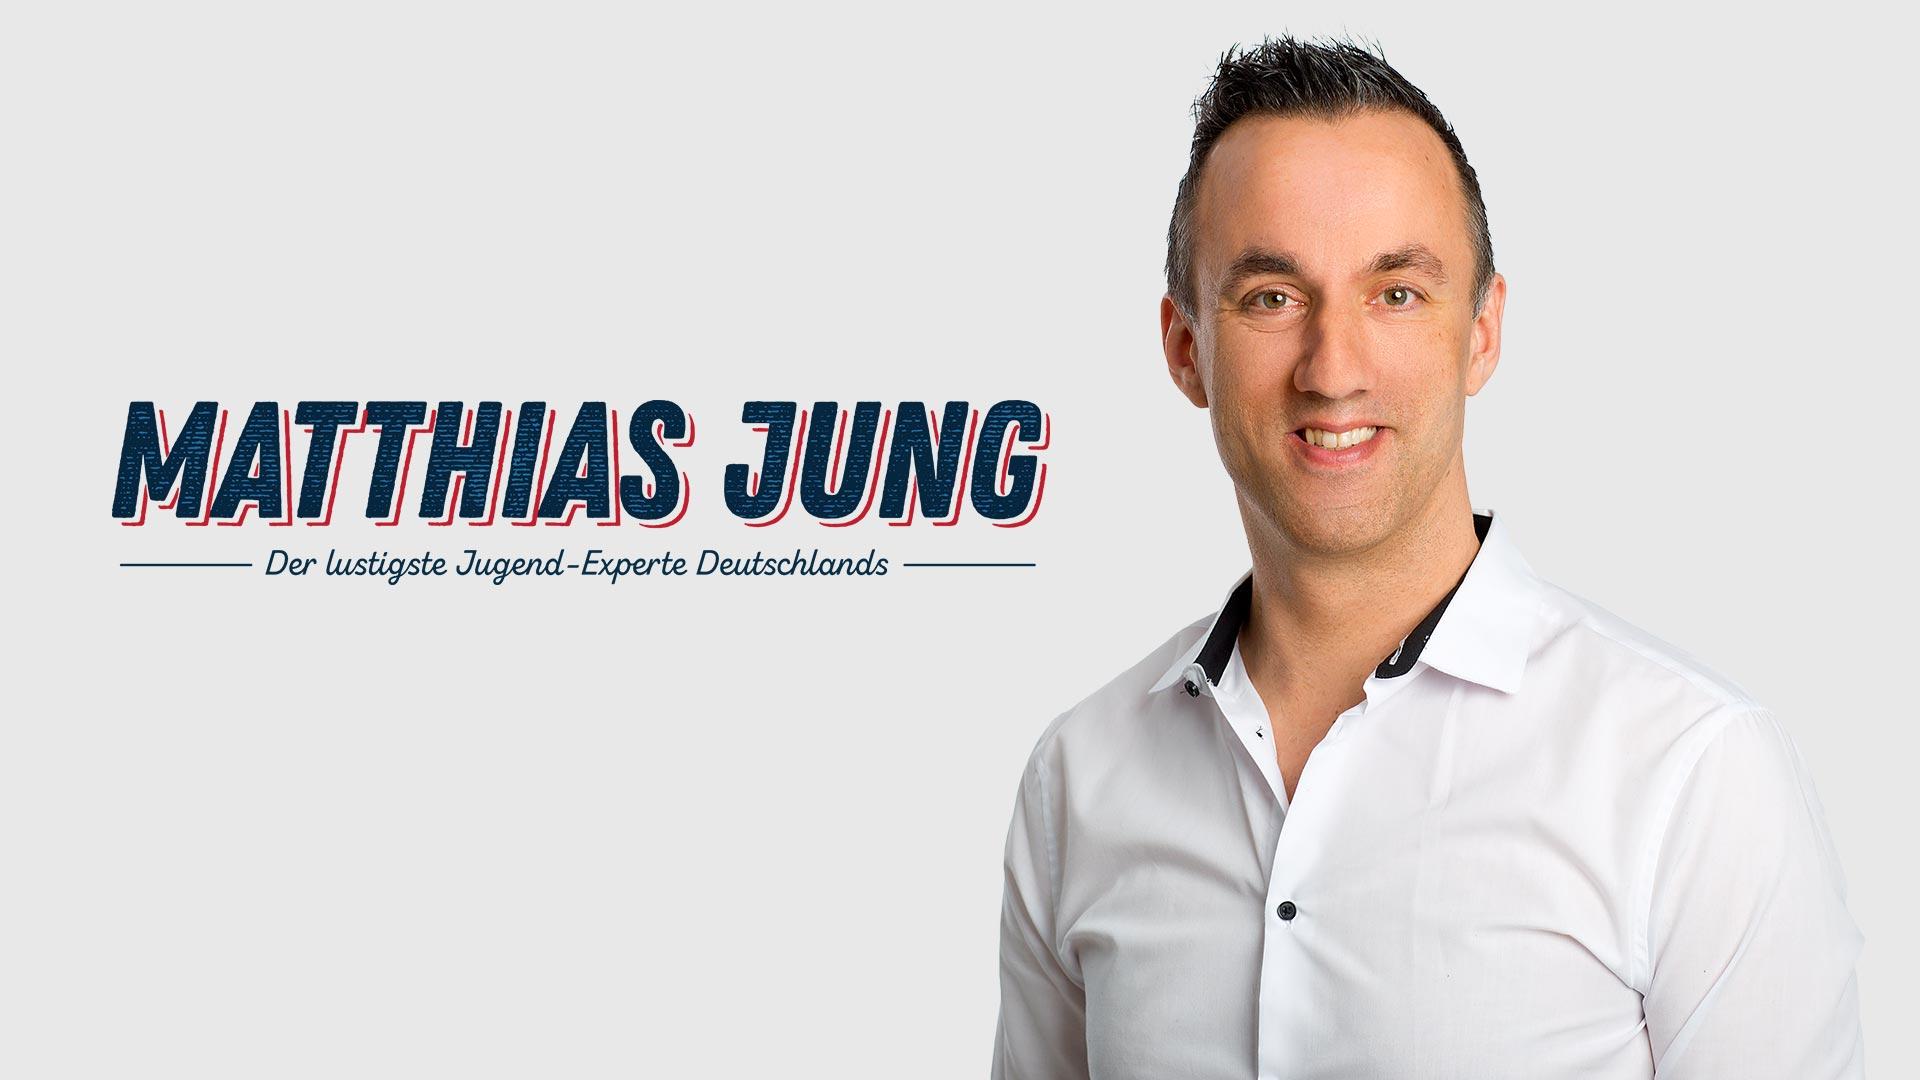 Matthias Jung - der lustigste Jugend-Experte Deutschlands